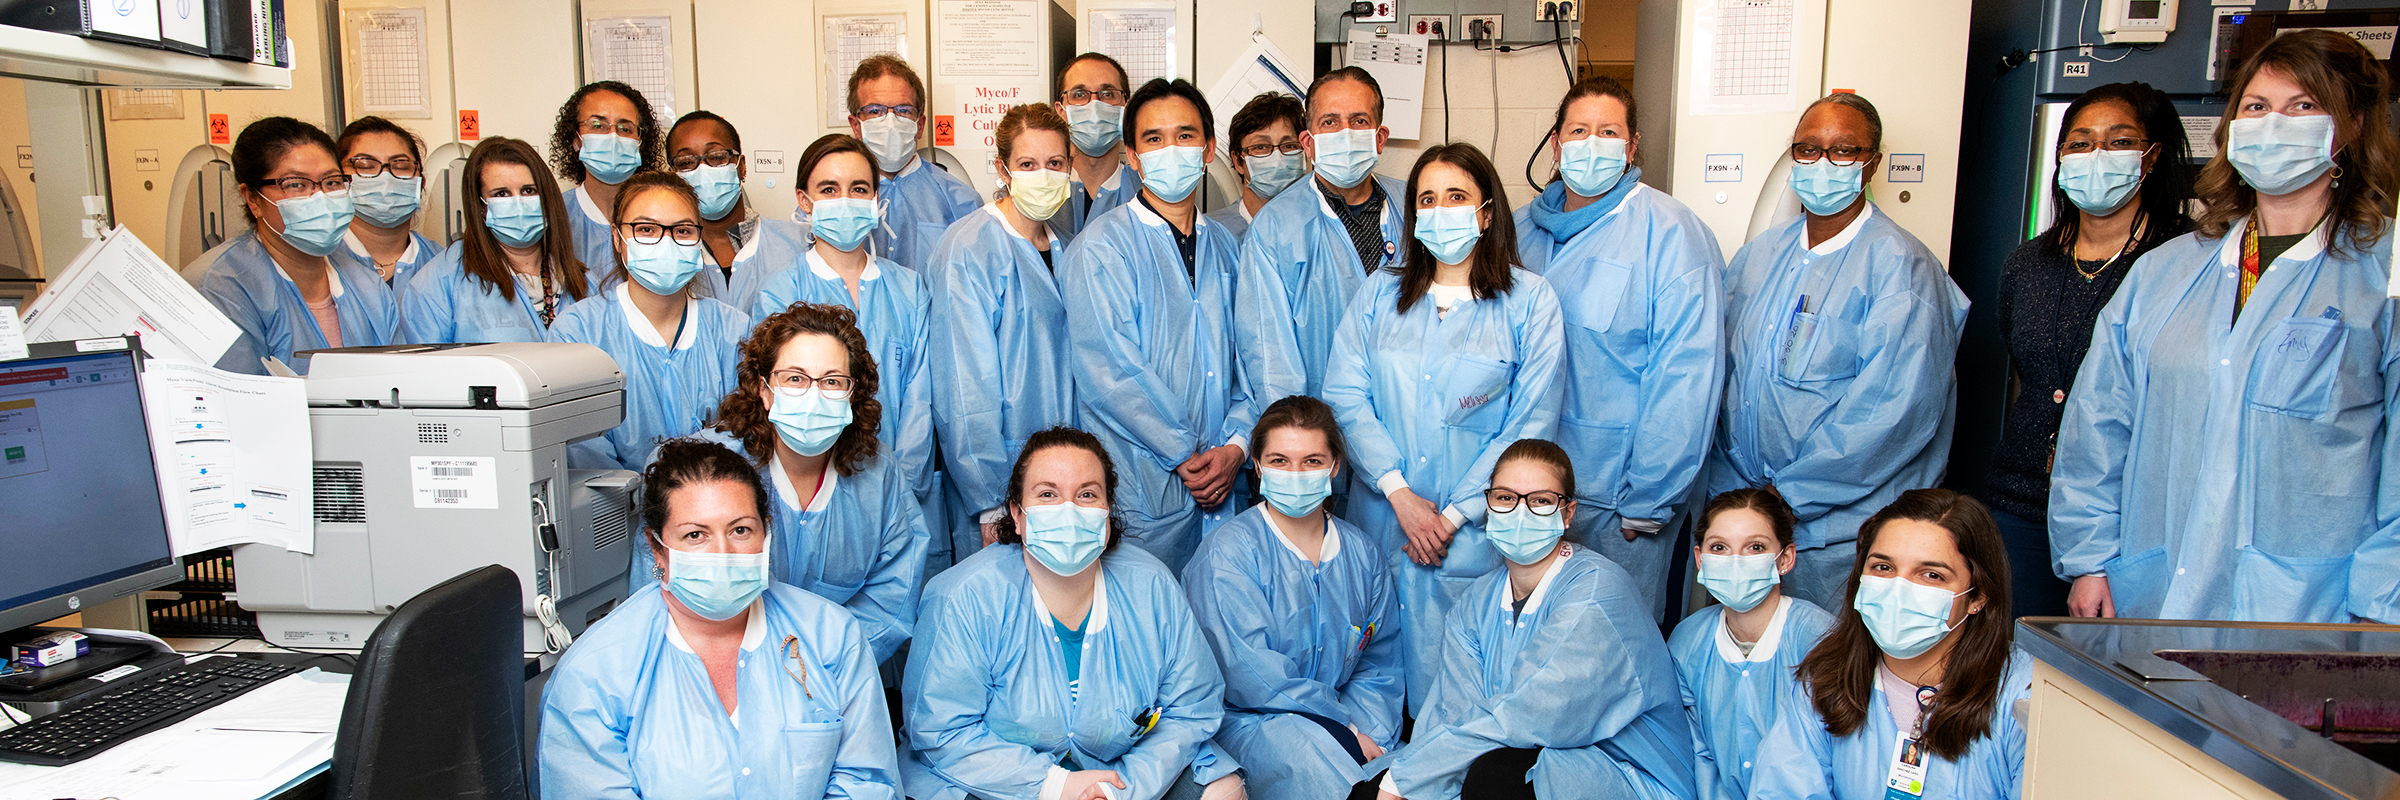 Covid 19 Response Massachusetts General Hospital Giving